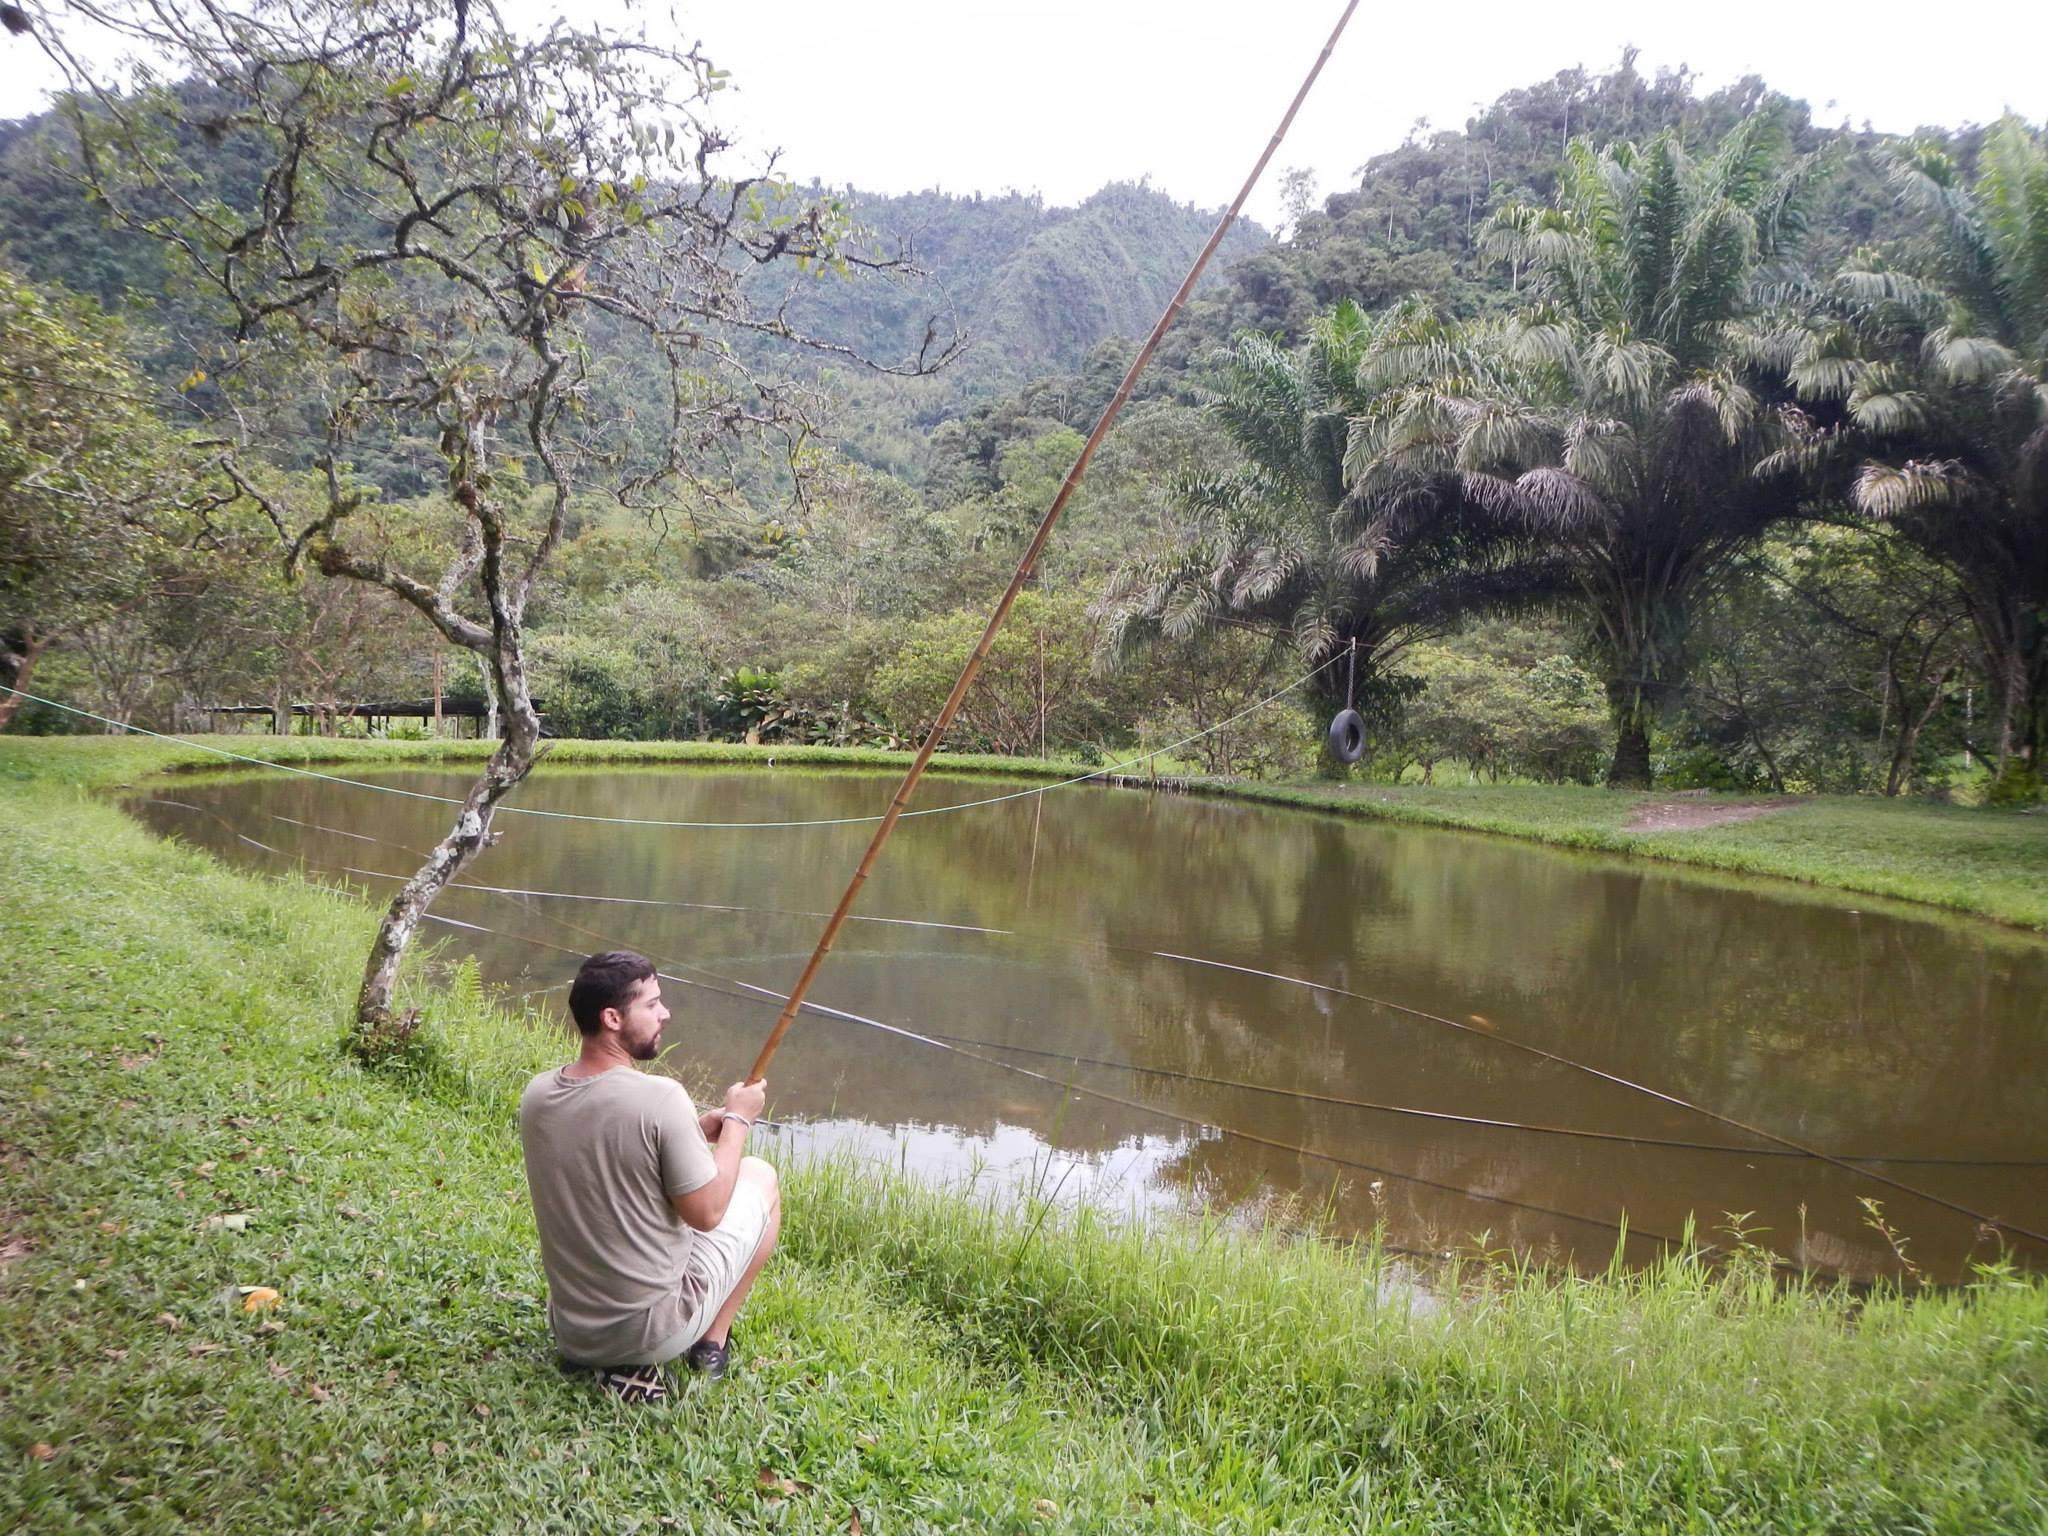 Josh fishing in Mindo Ecuador